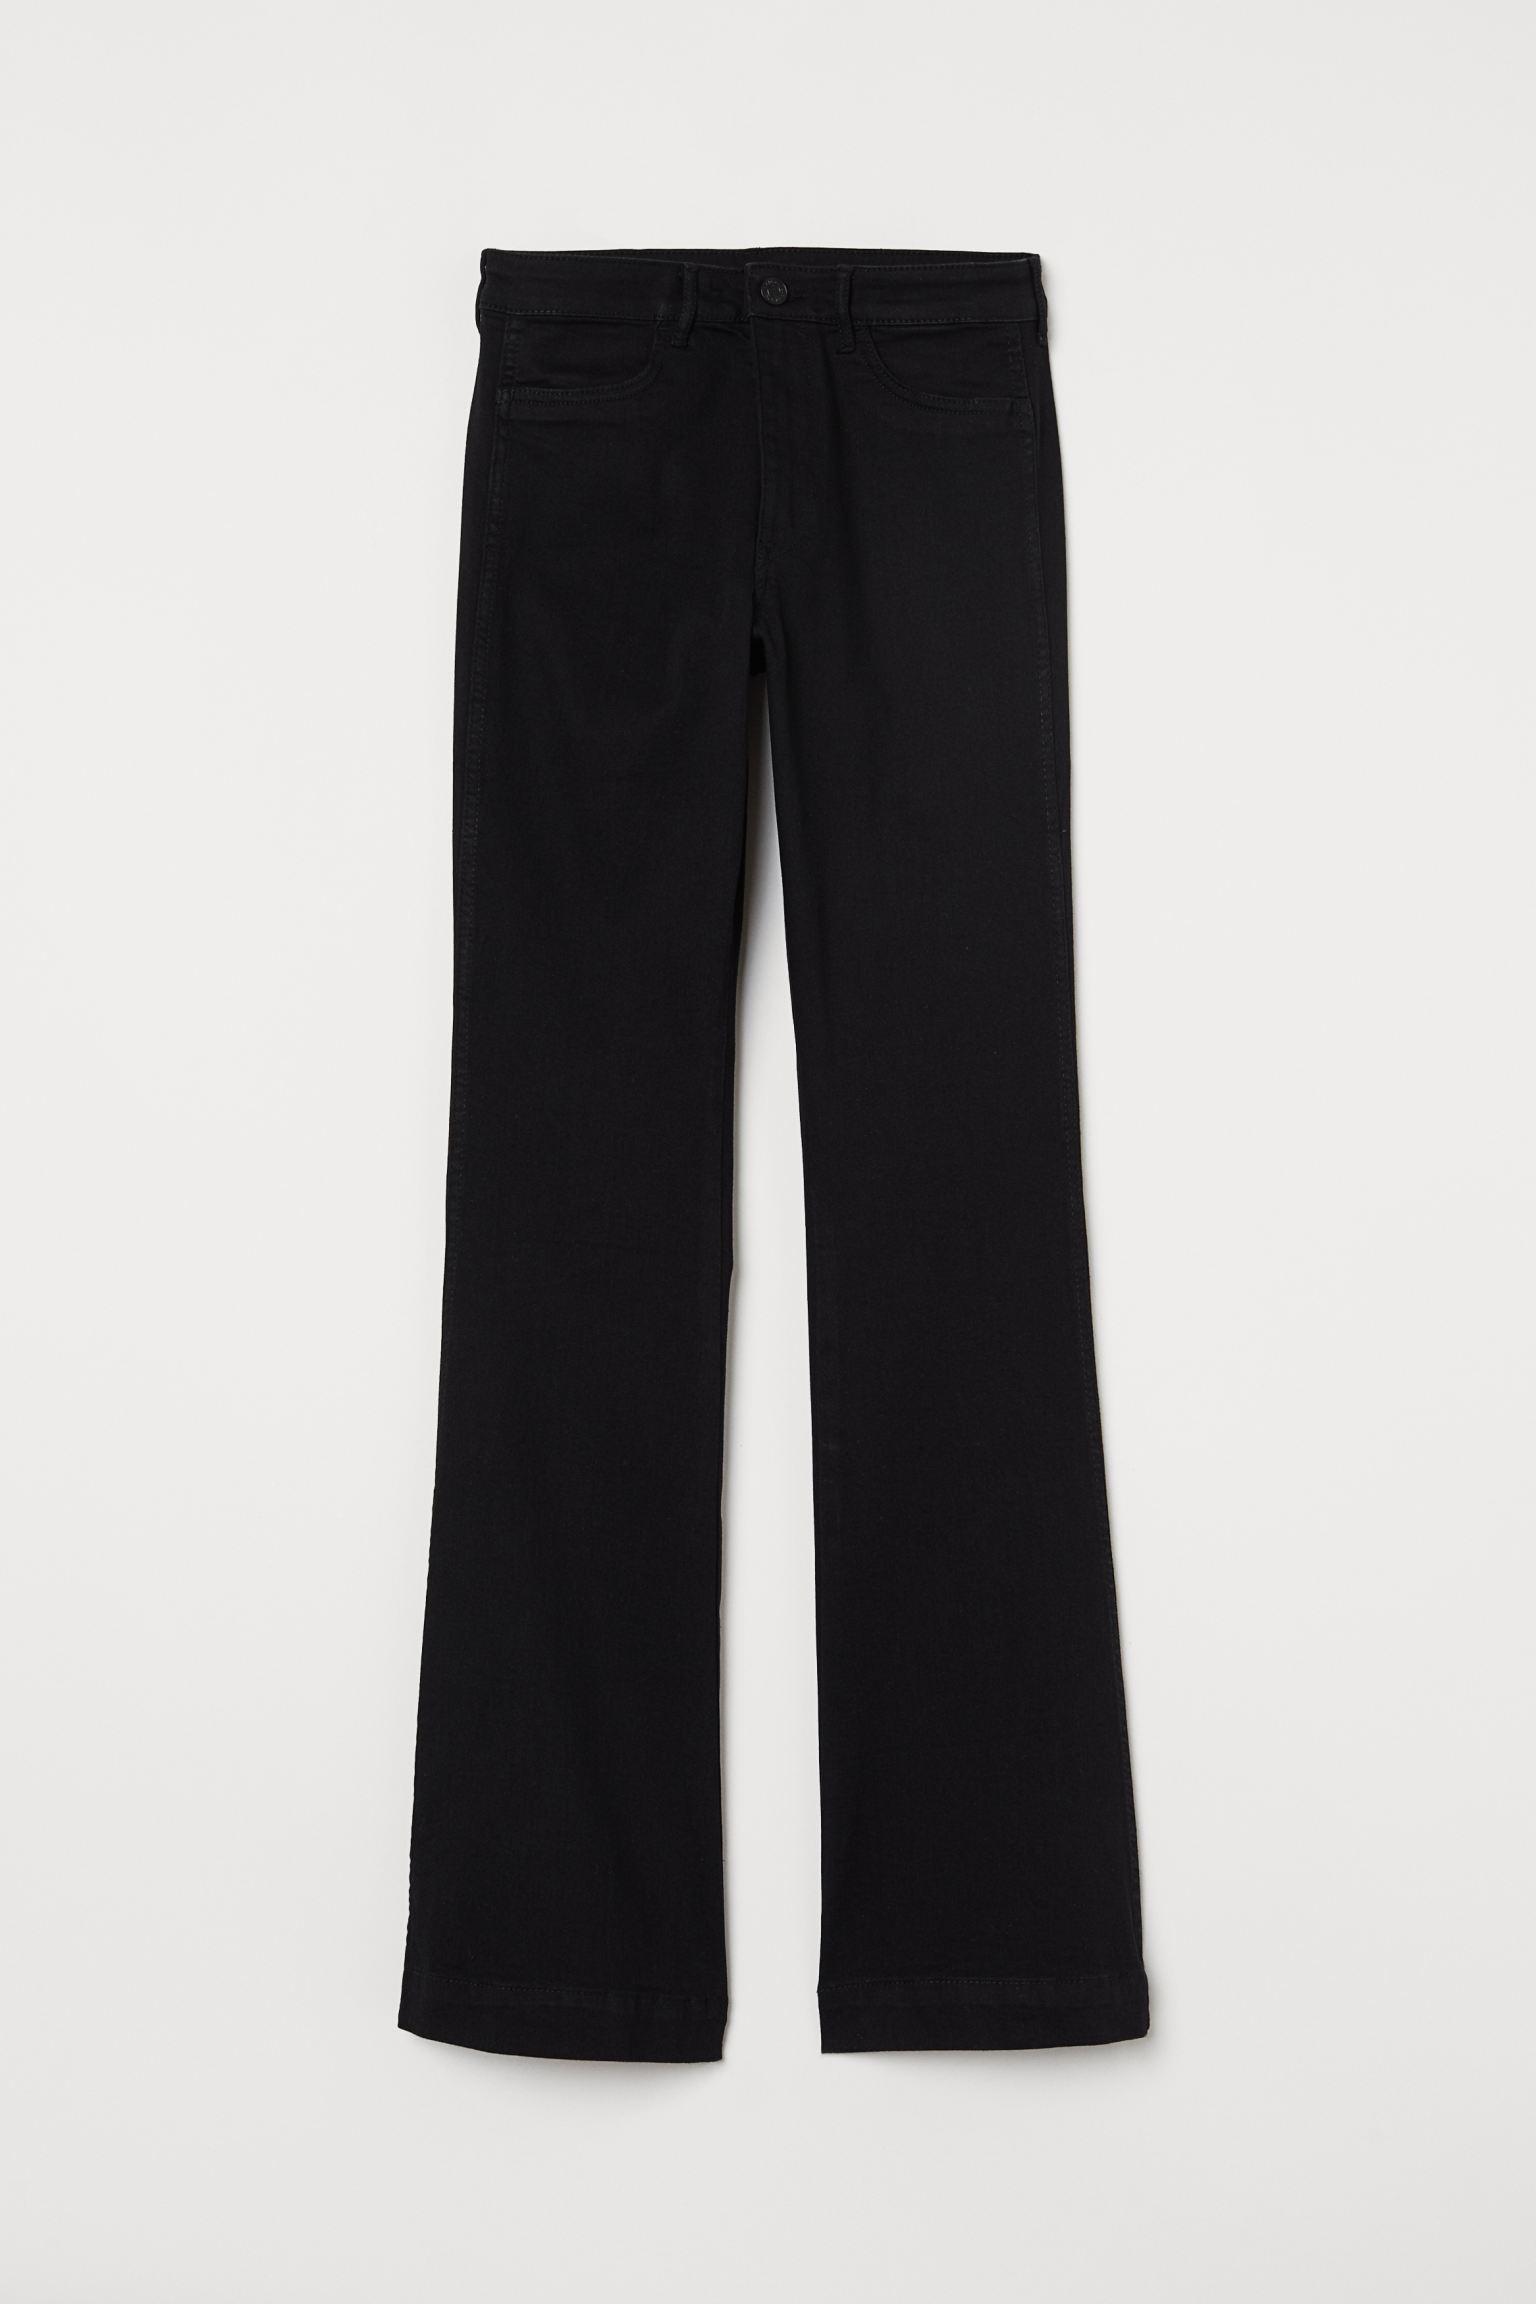 Отзыв на Расклешенные джинсы с высокой талией из Интернет-Магазина H&M